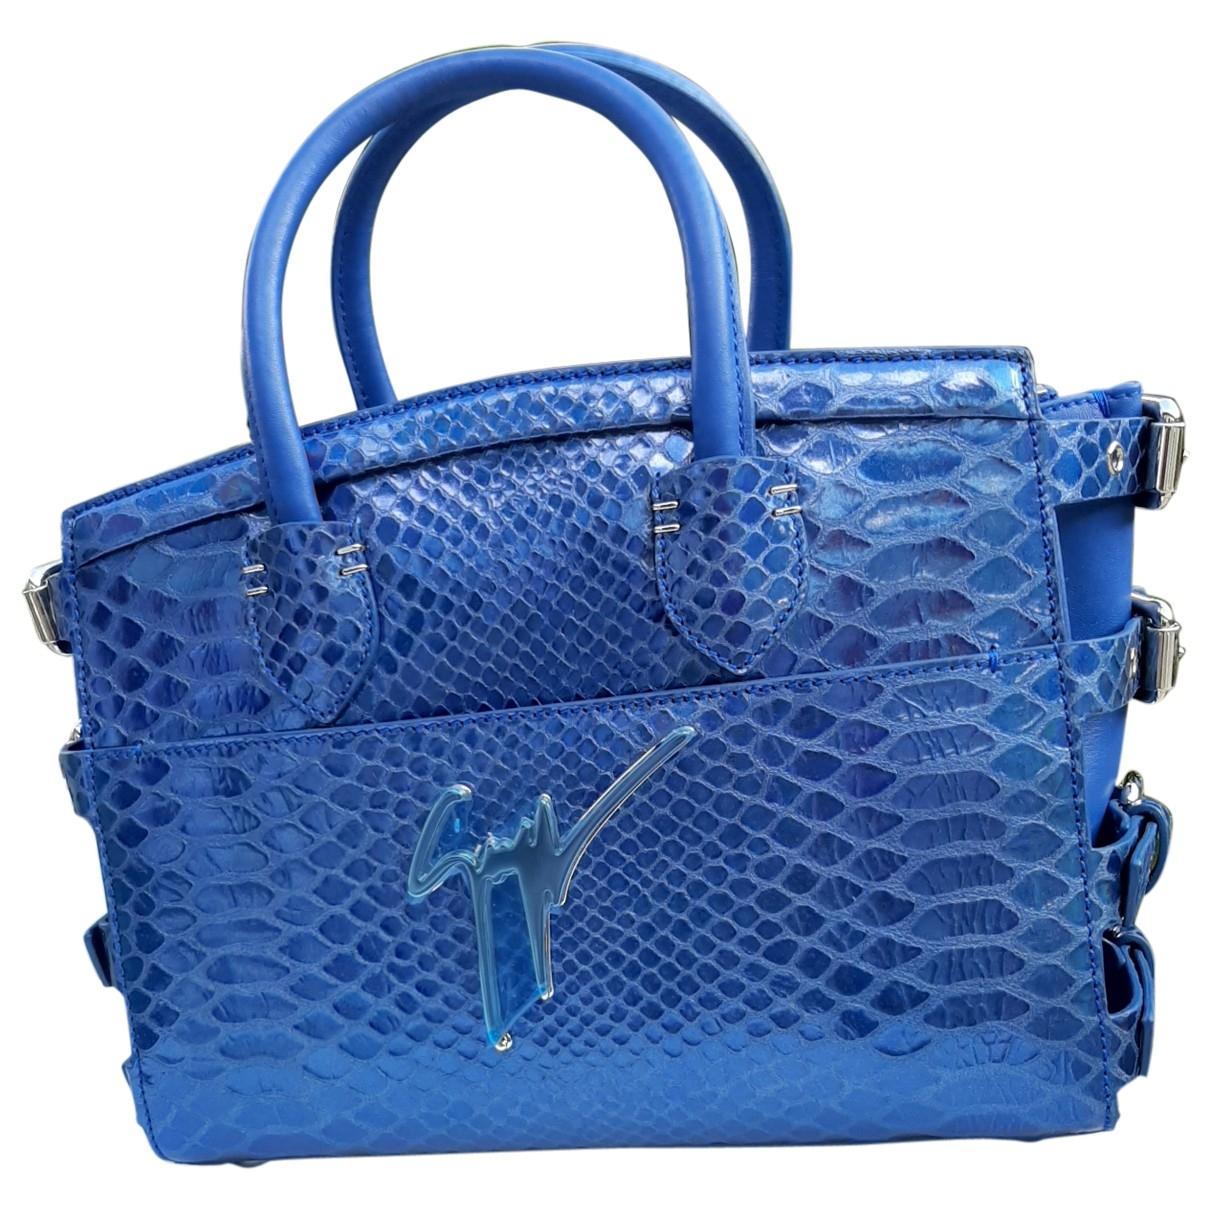 Giuseppe Zanotti \N Blue Leather handbag for Women \N